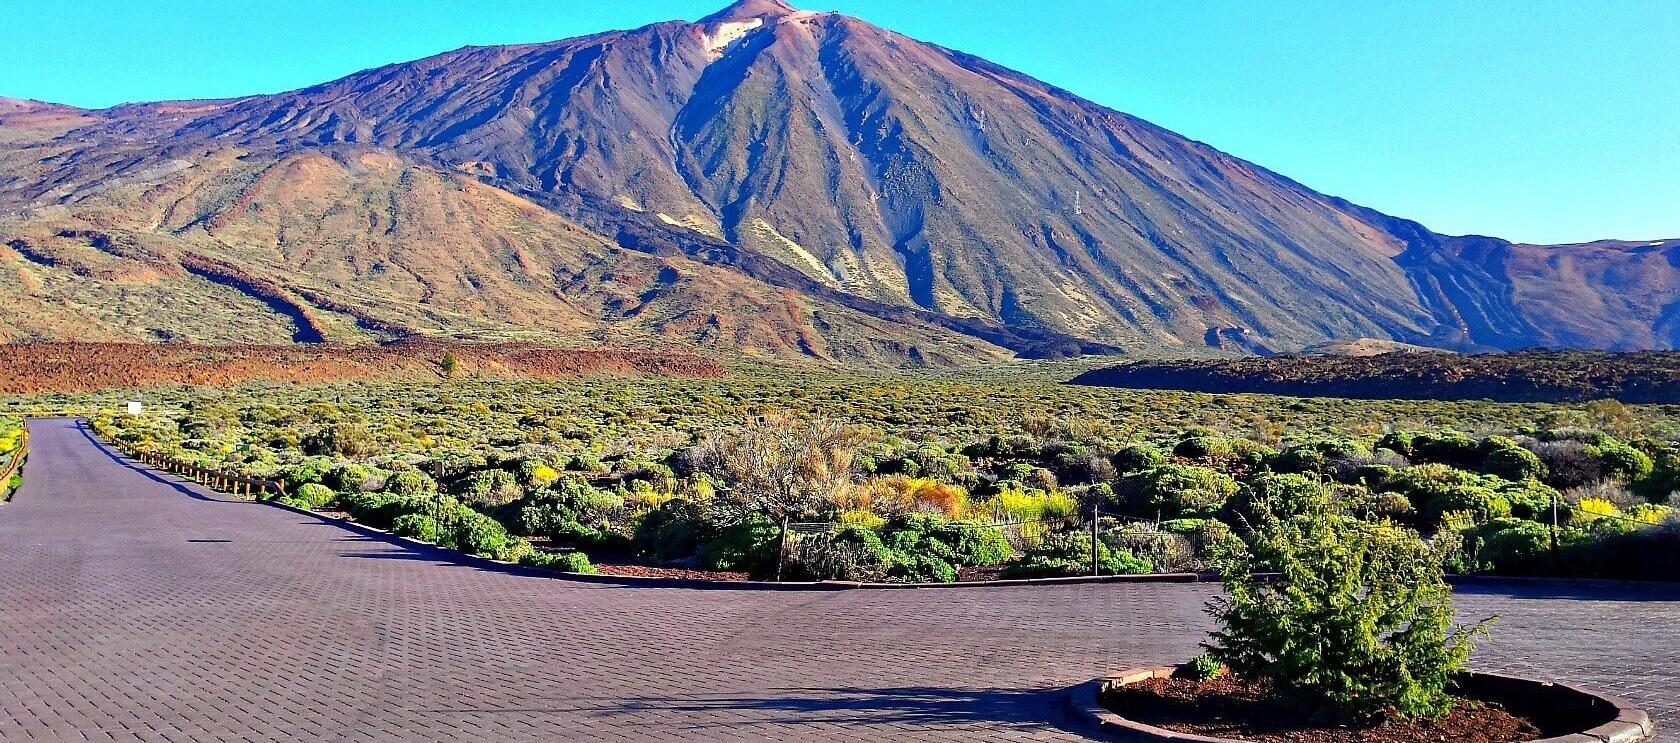 Вулкан Тейде и лес Ла-Есперанса